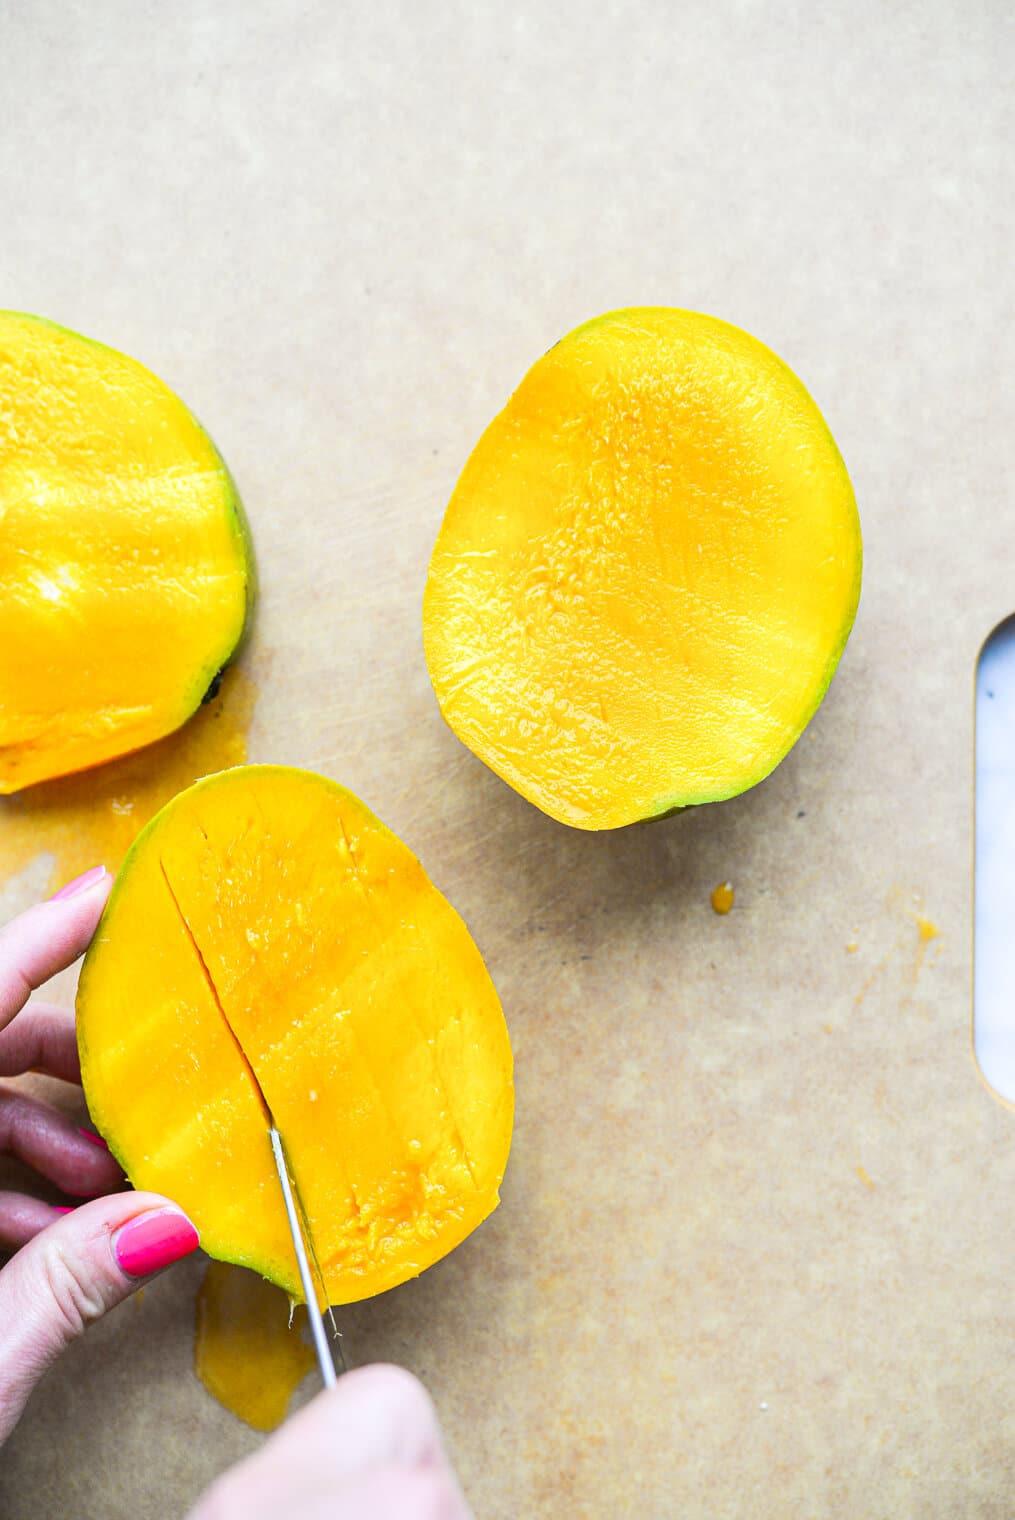 a woman cutting a halved mango on a cutting board